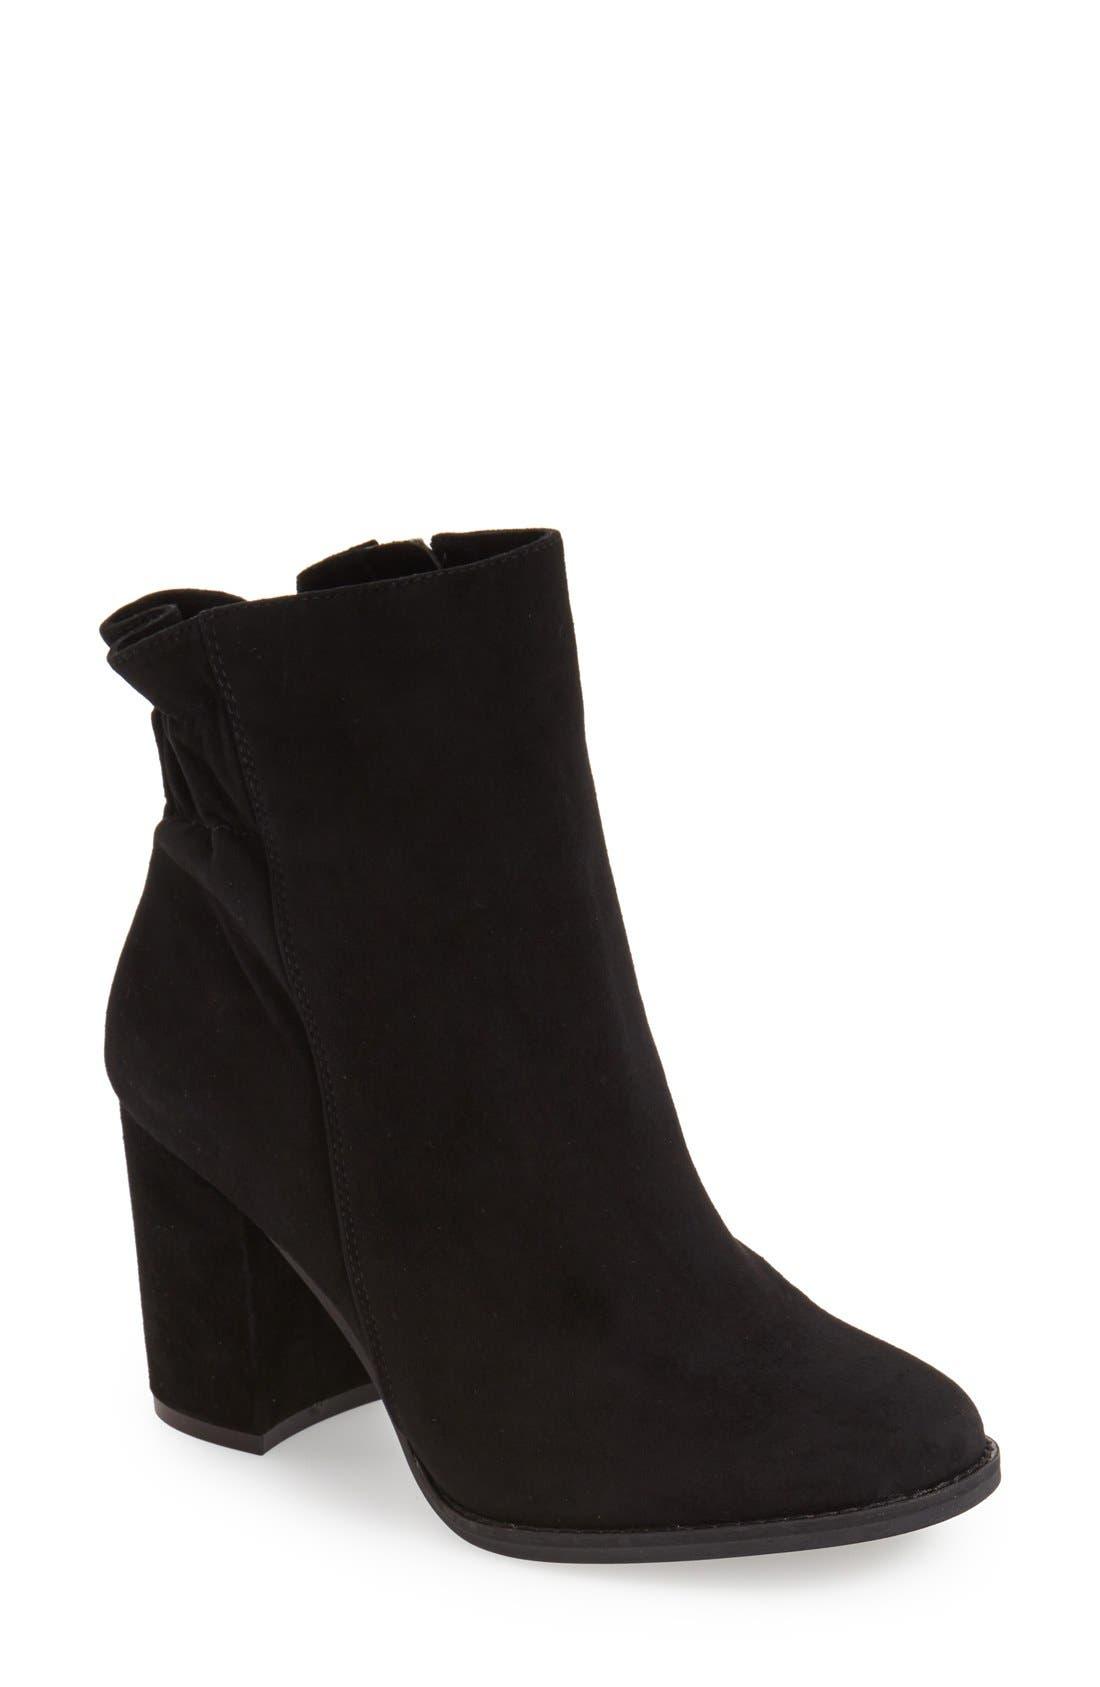 'Rakel' Gathered Heel Zip Bootie,                         Main,                         color, Black Suede